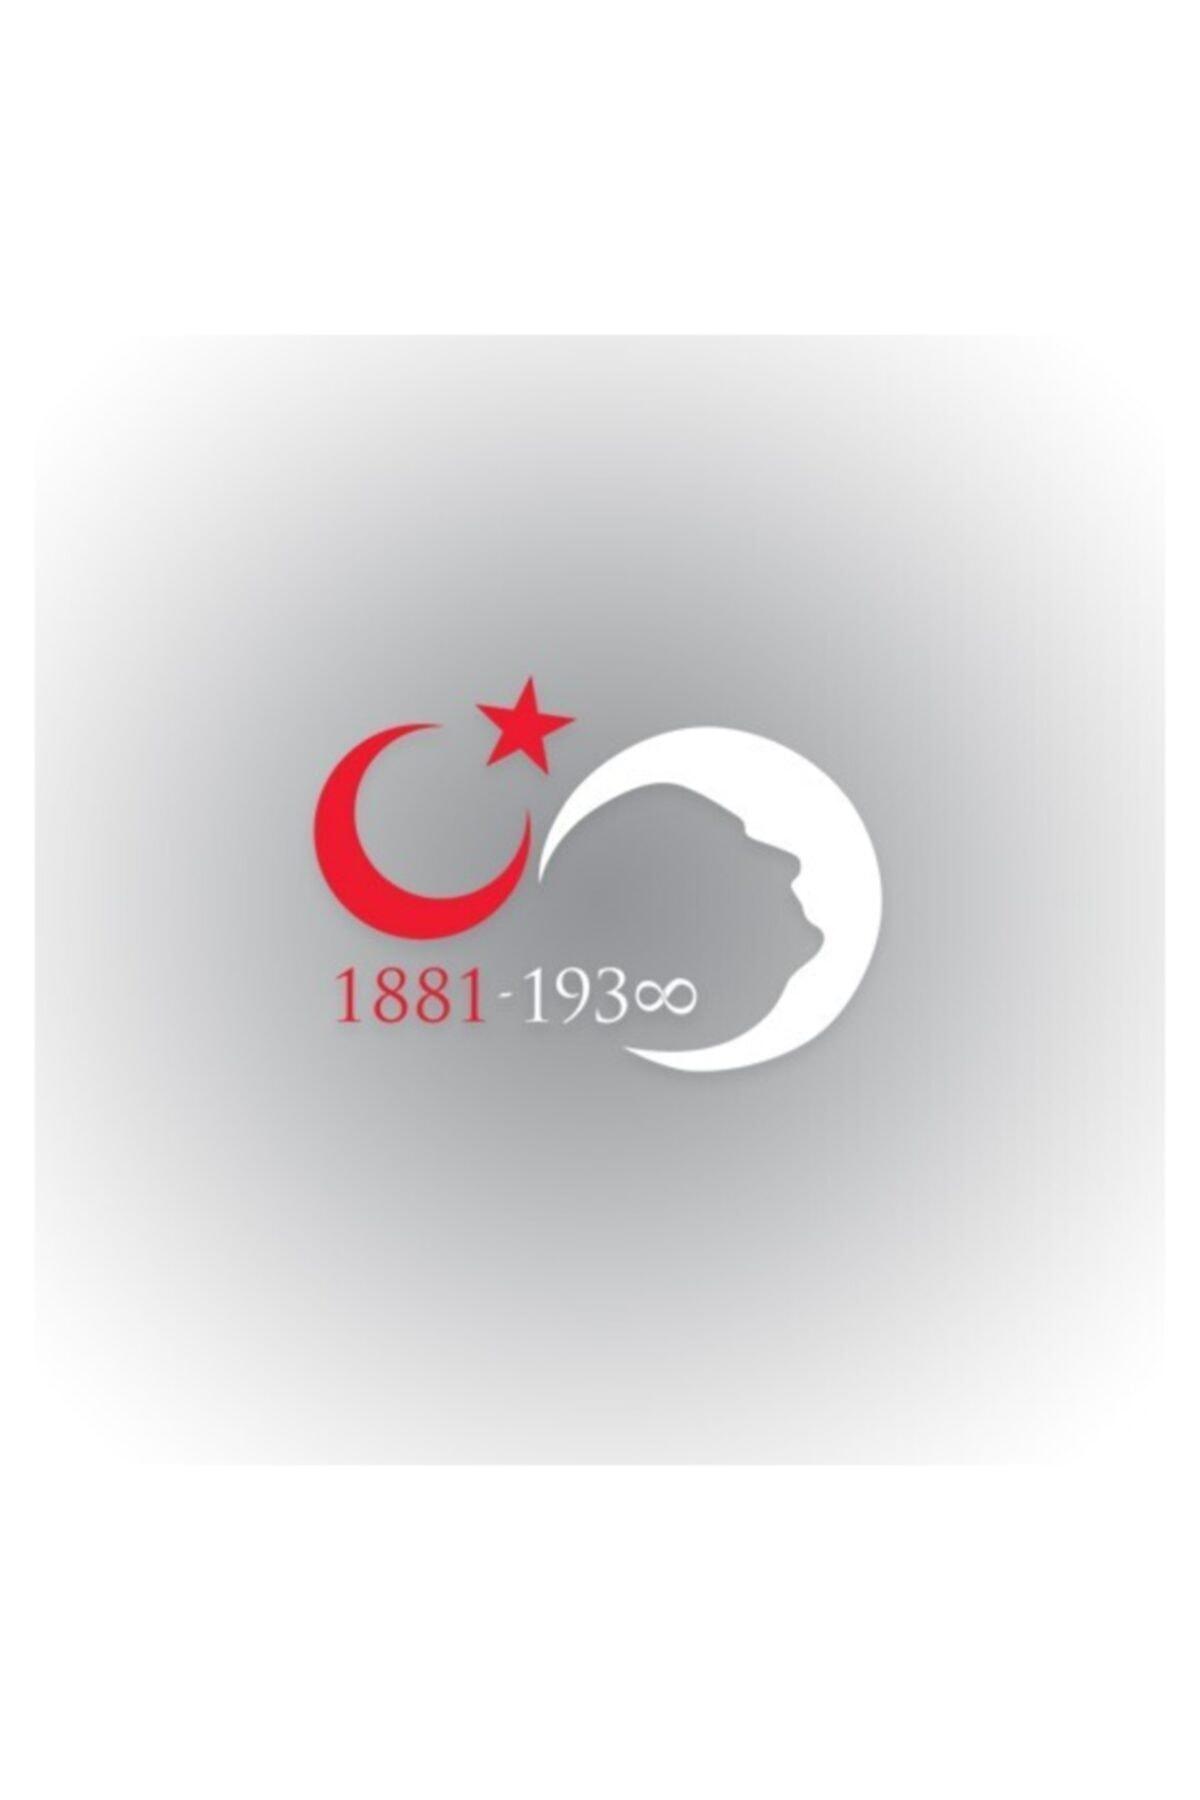 TSC Atatürk Sonsuz Ay Yıldız Silüet Oto Sticker 30 cm x 21 cm 1